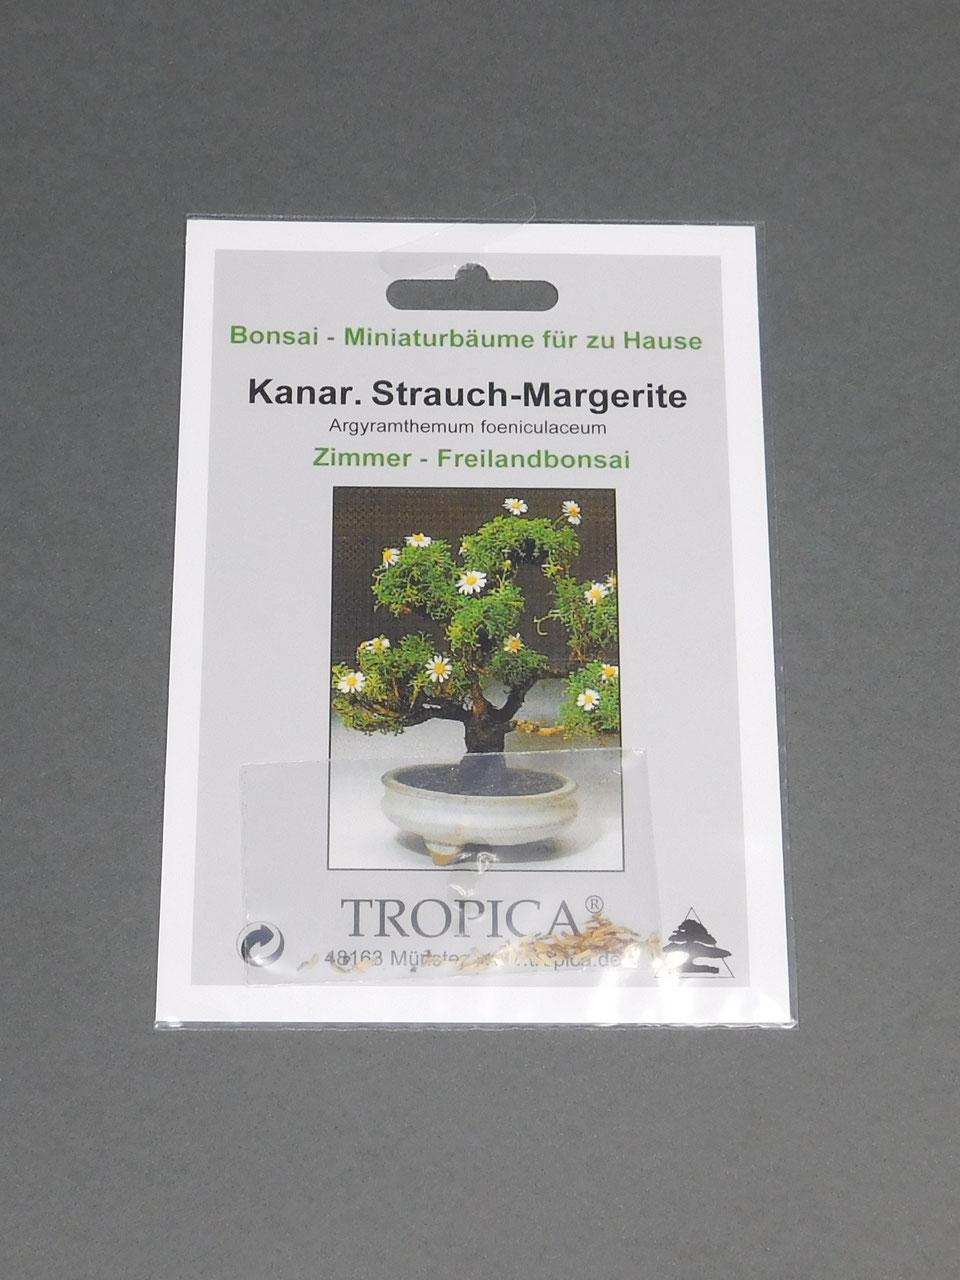 bonsai samen zimmer- und freilandbonsai, aufzuchtset werbegeschenk